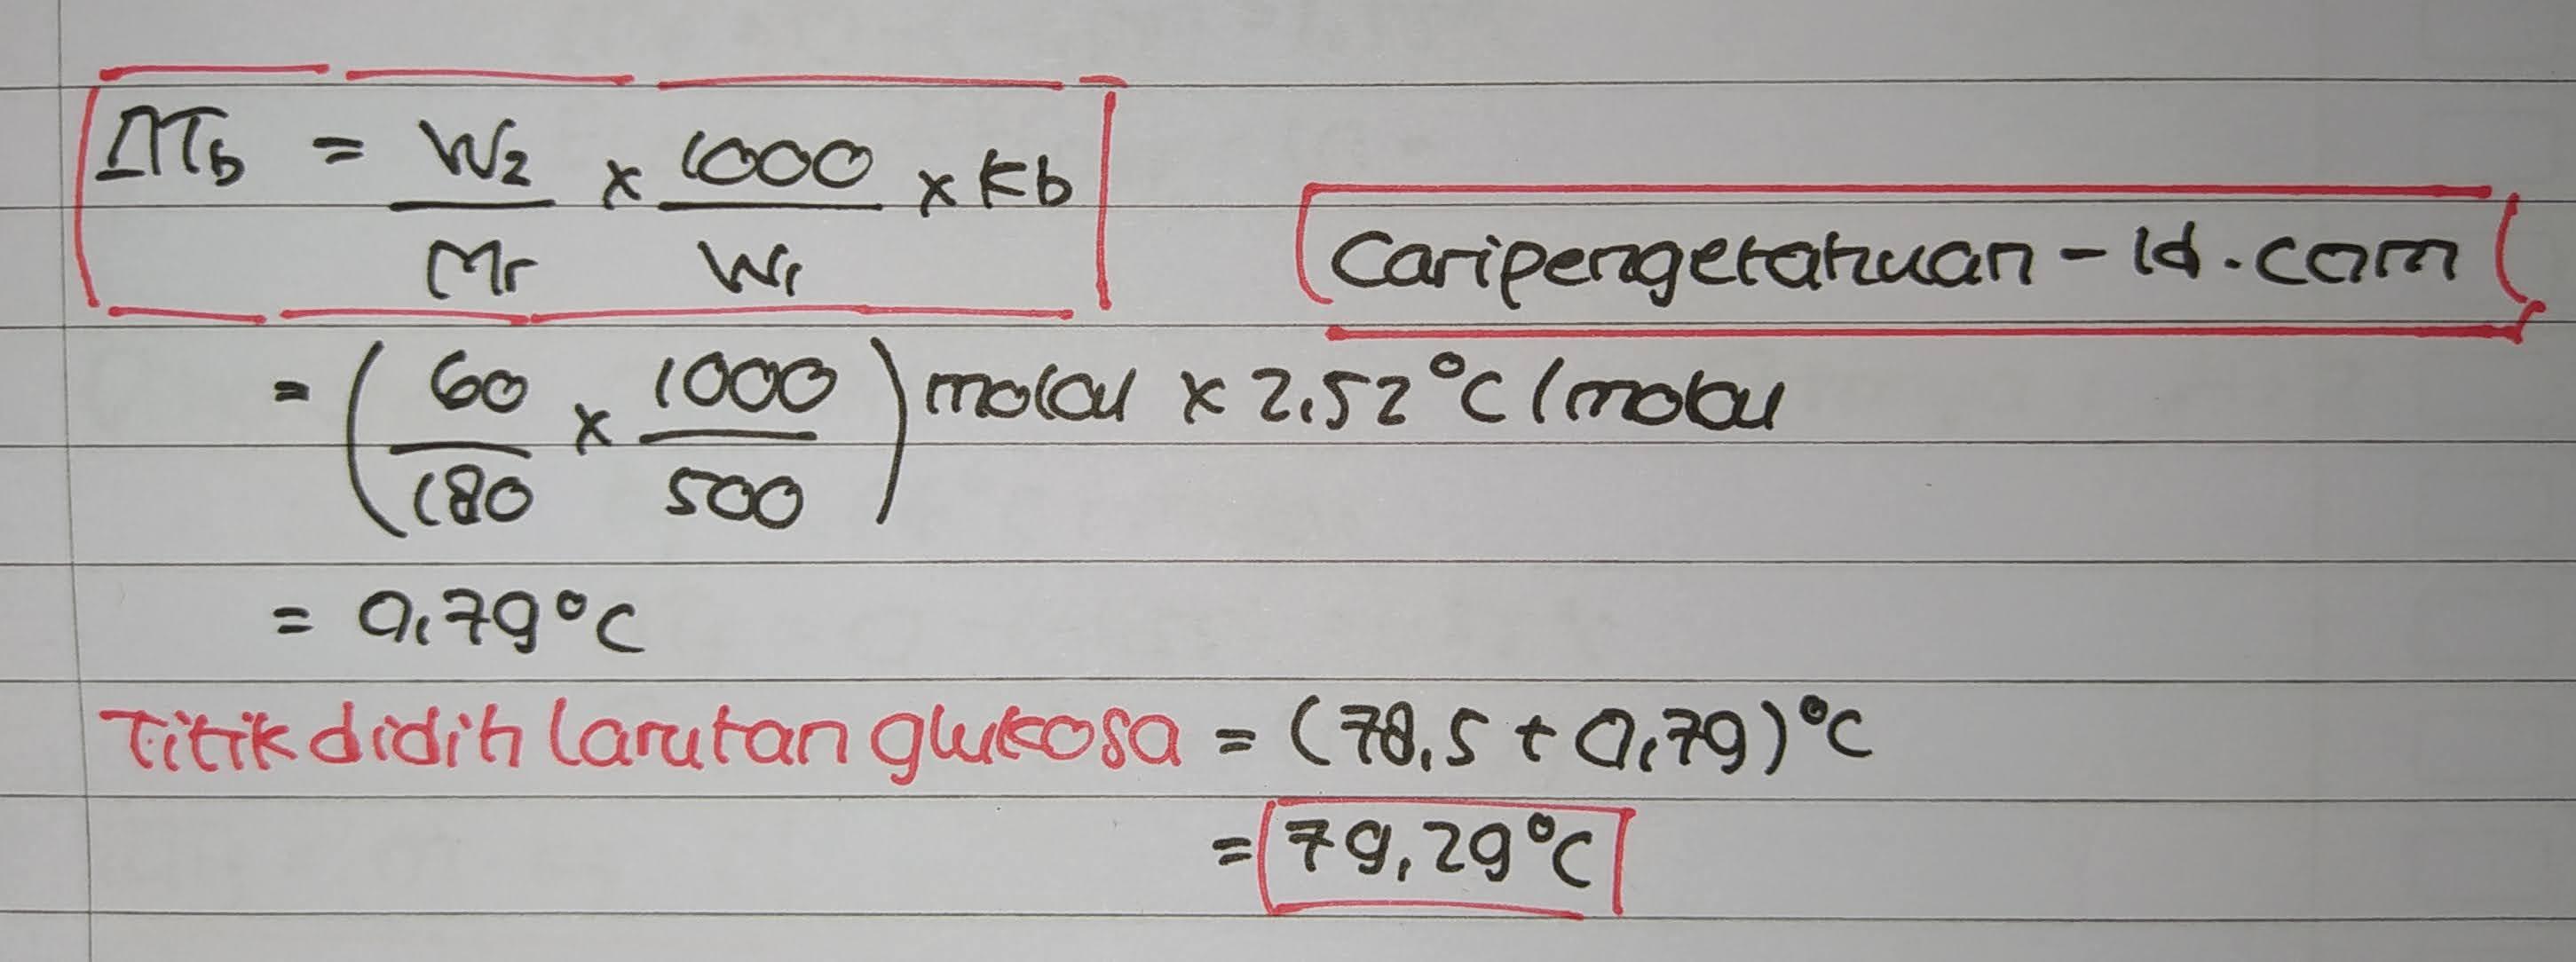 60 gram glukosa (C6H12O6) dalam 500 gram alkohol, jika diketahui titik didih benzena 78.5 dan kb alkohol 1,19°C/molal (Ar C=12, H=1, O=16), maka titik didih larutan tersebut adalah